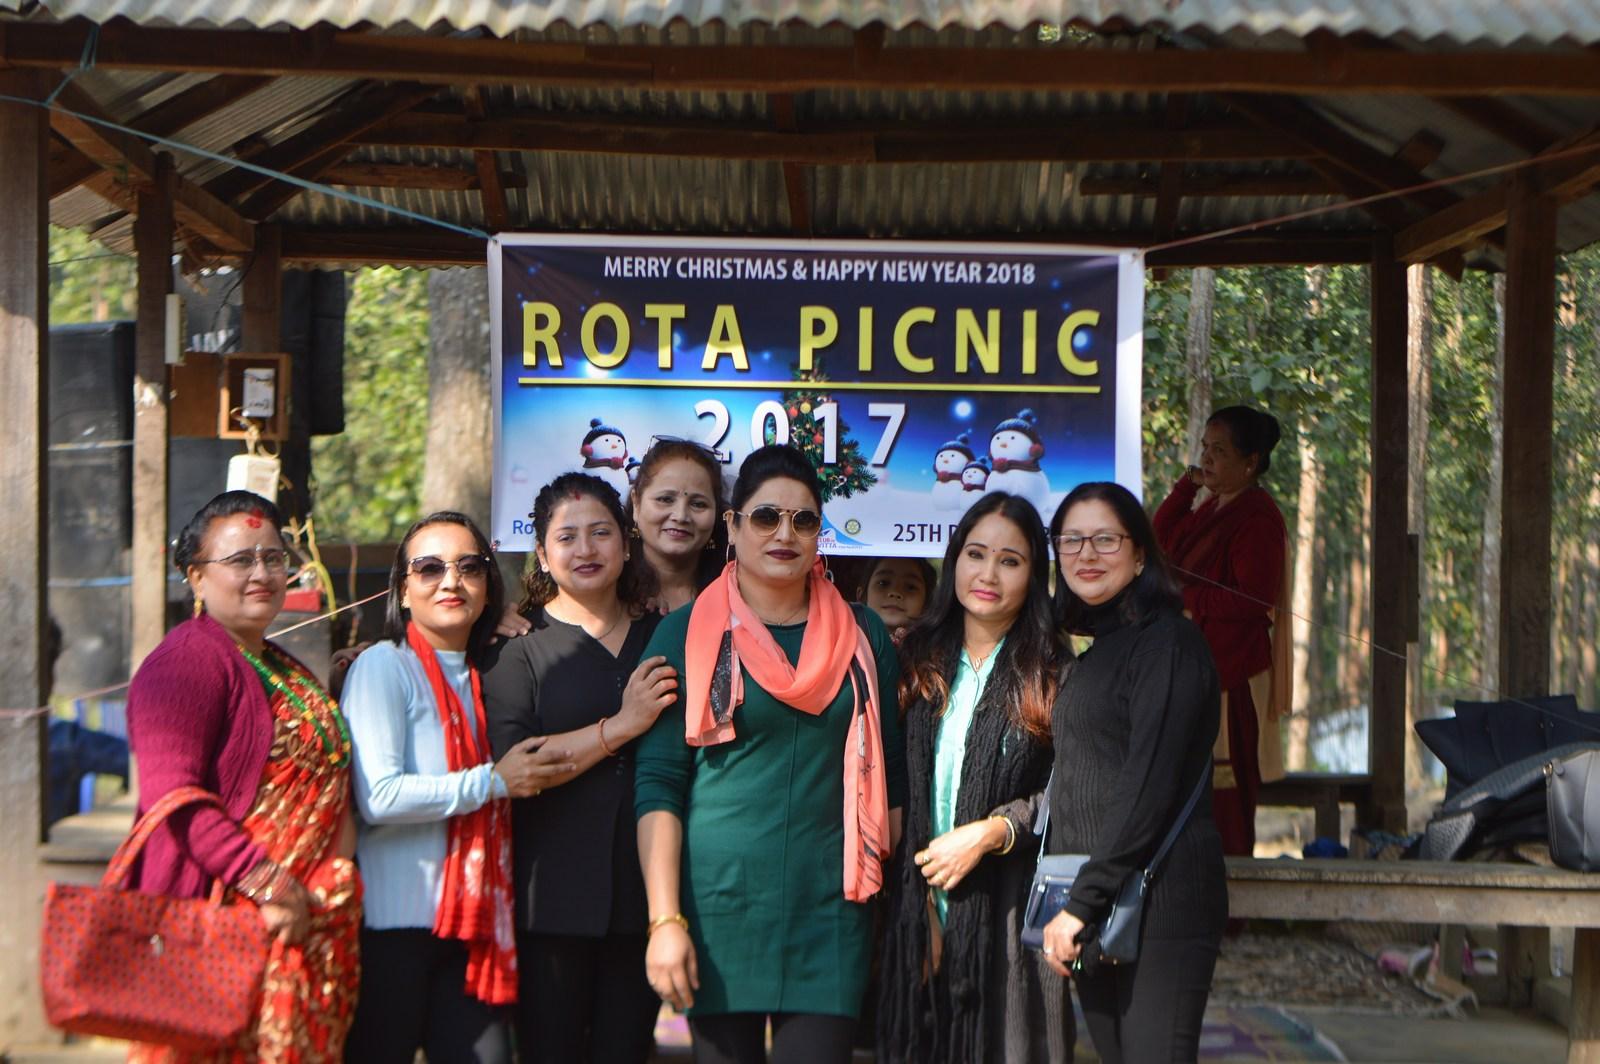 Rota-Picnic-2017-Rotary-Club-of-Kakarvitta-26